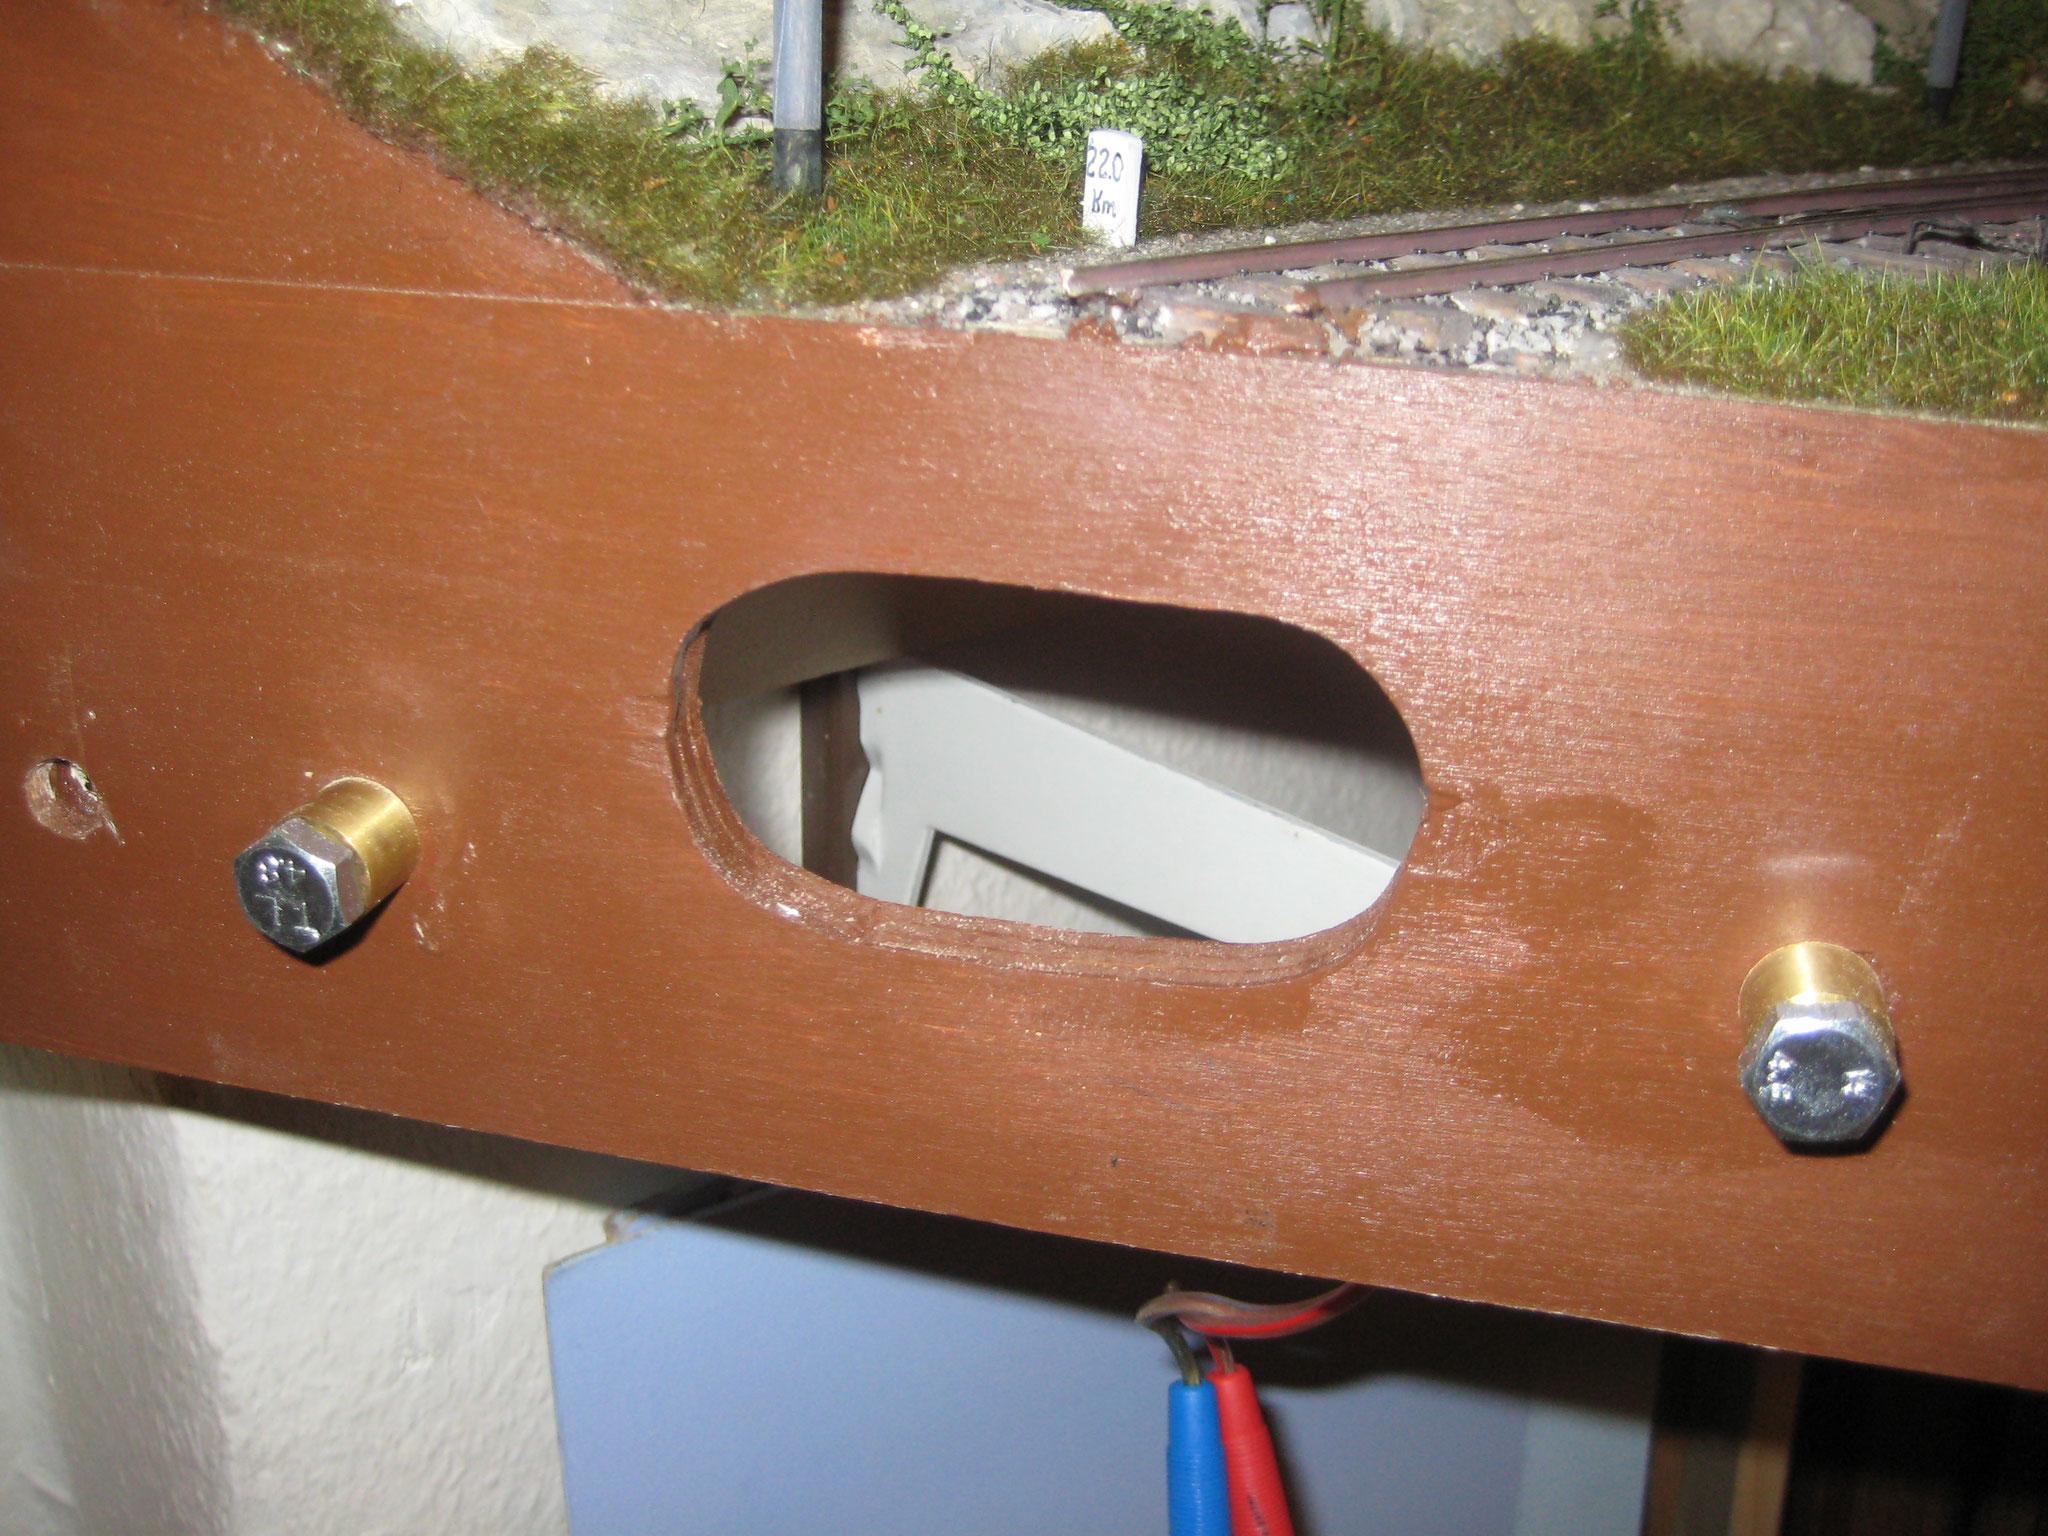 Zur Halterung des neuen Moduls an den Anlagenschenkeln dienen 2 Zapfen, die auch die Stromversorgung des Viaduktmoduls sicherstellen.